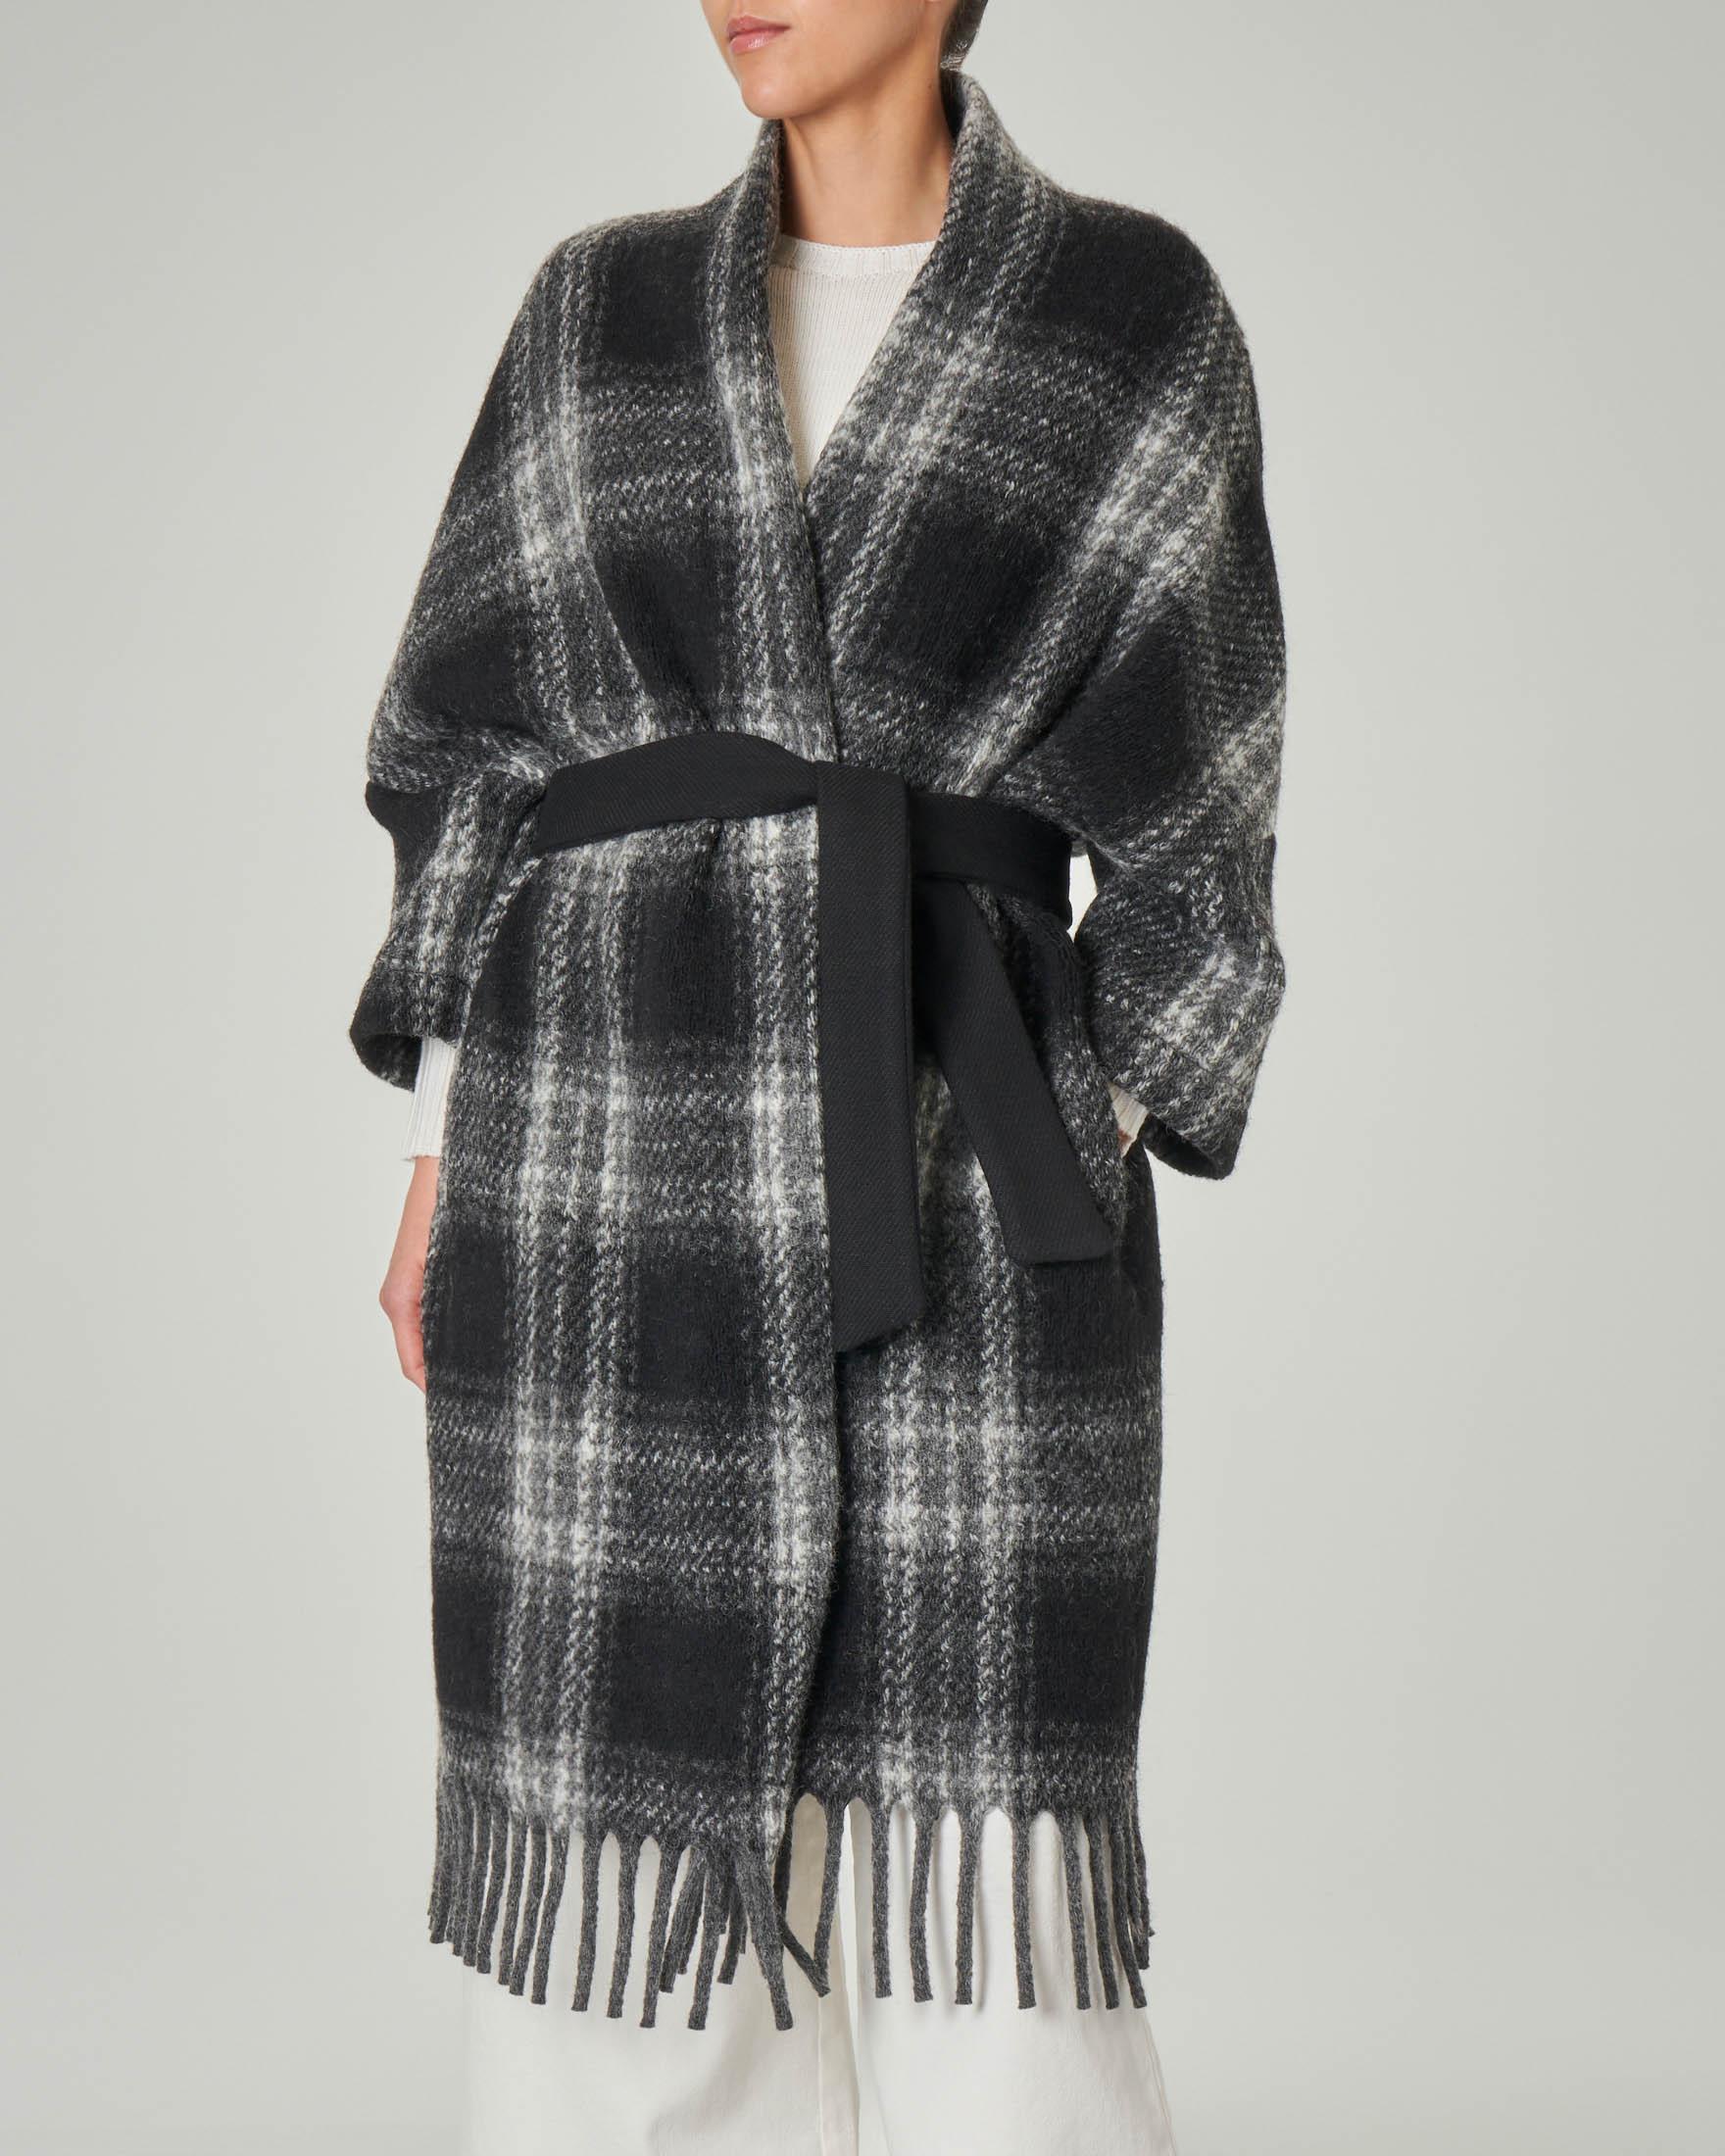 Cappotto in lana con maniche a kimono e frange sul fondo a fantasia check